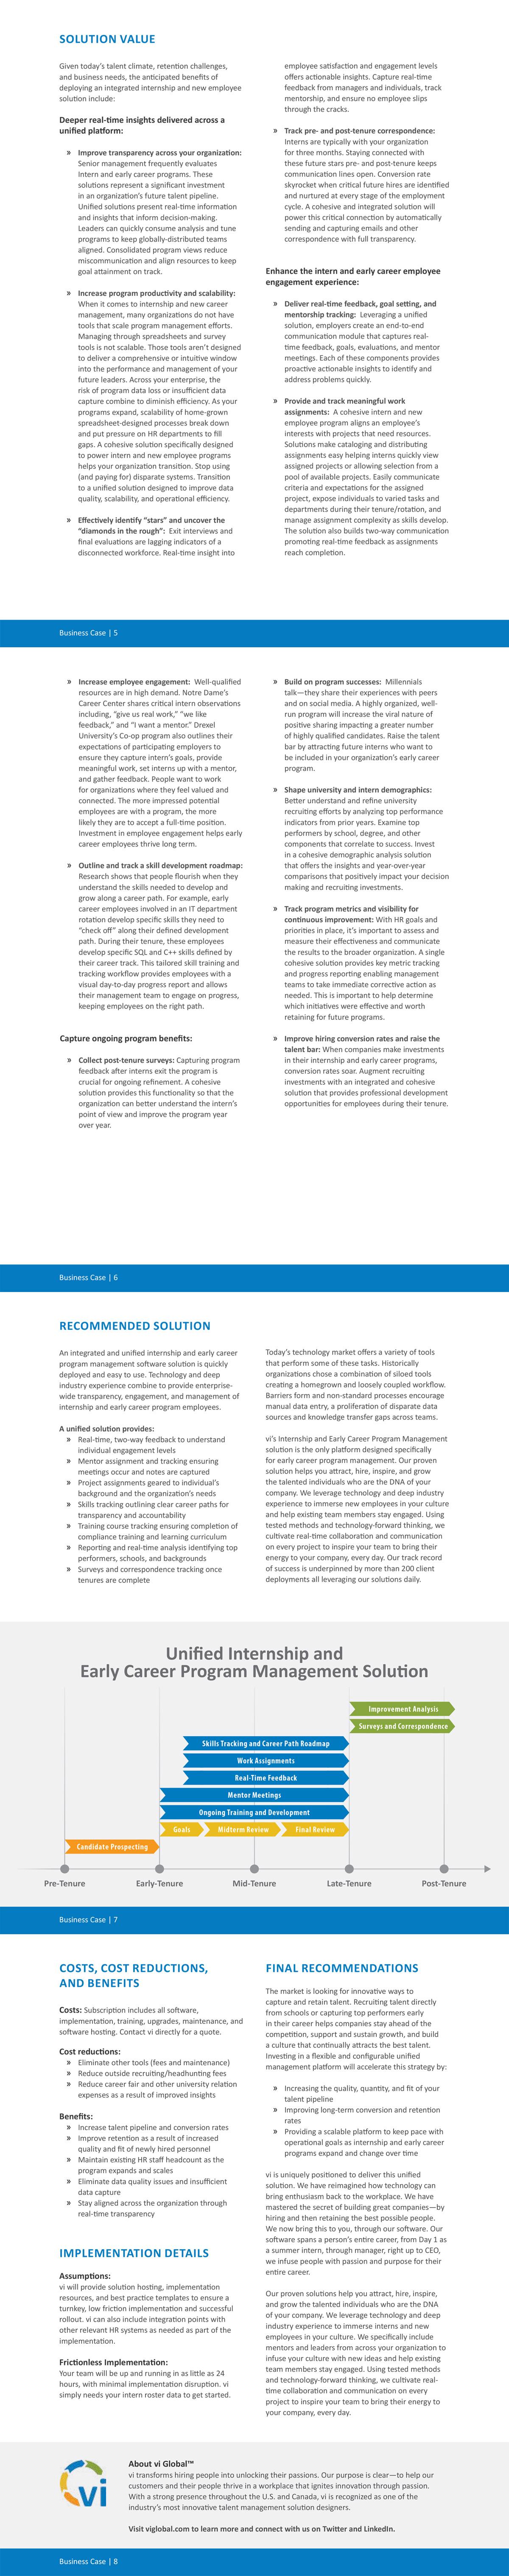 Resource) Business Case - Internship Program Management